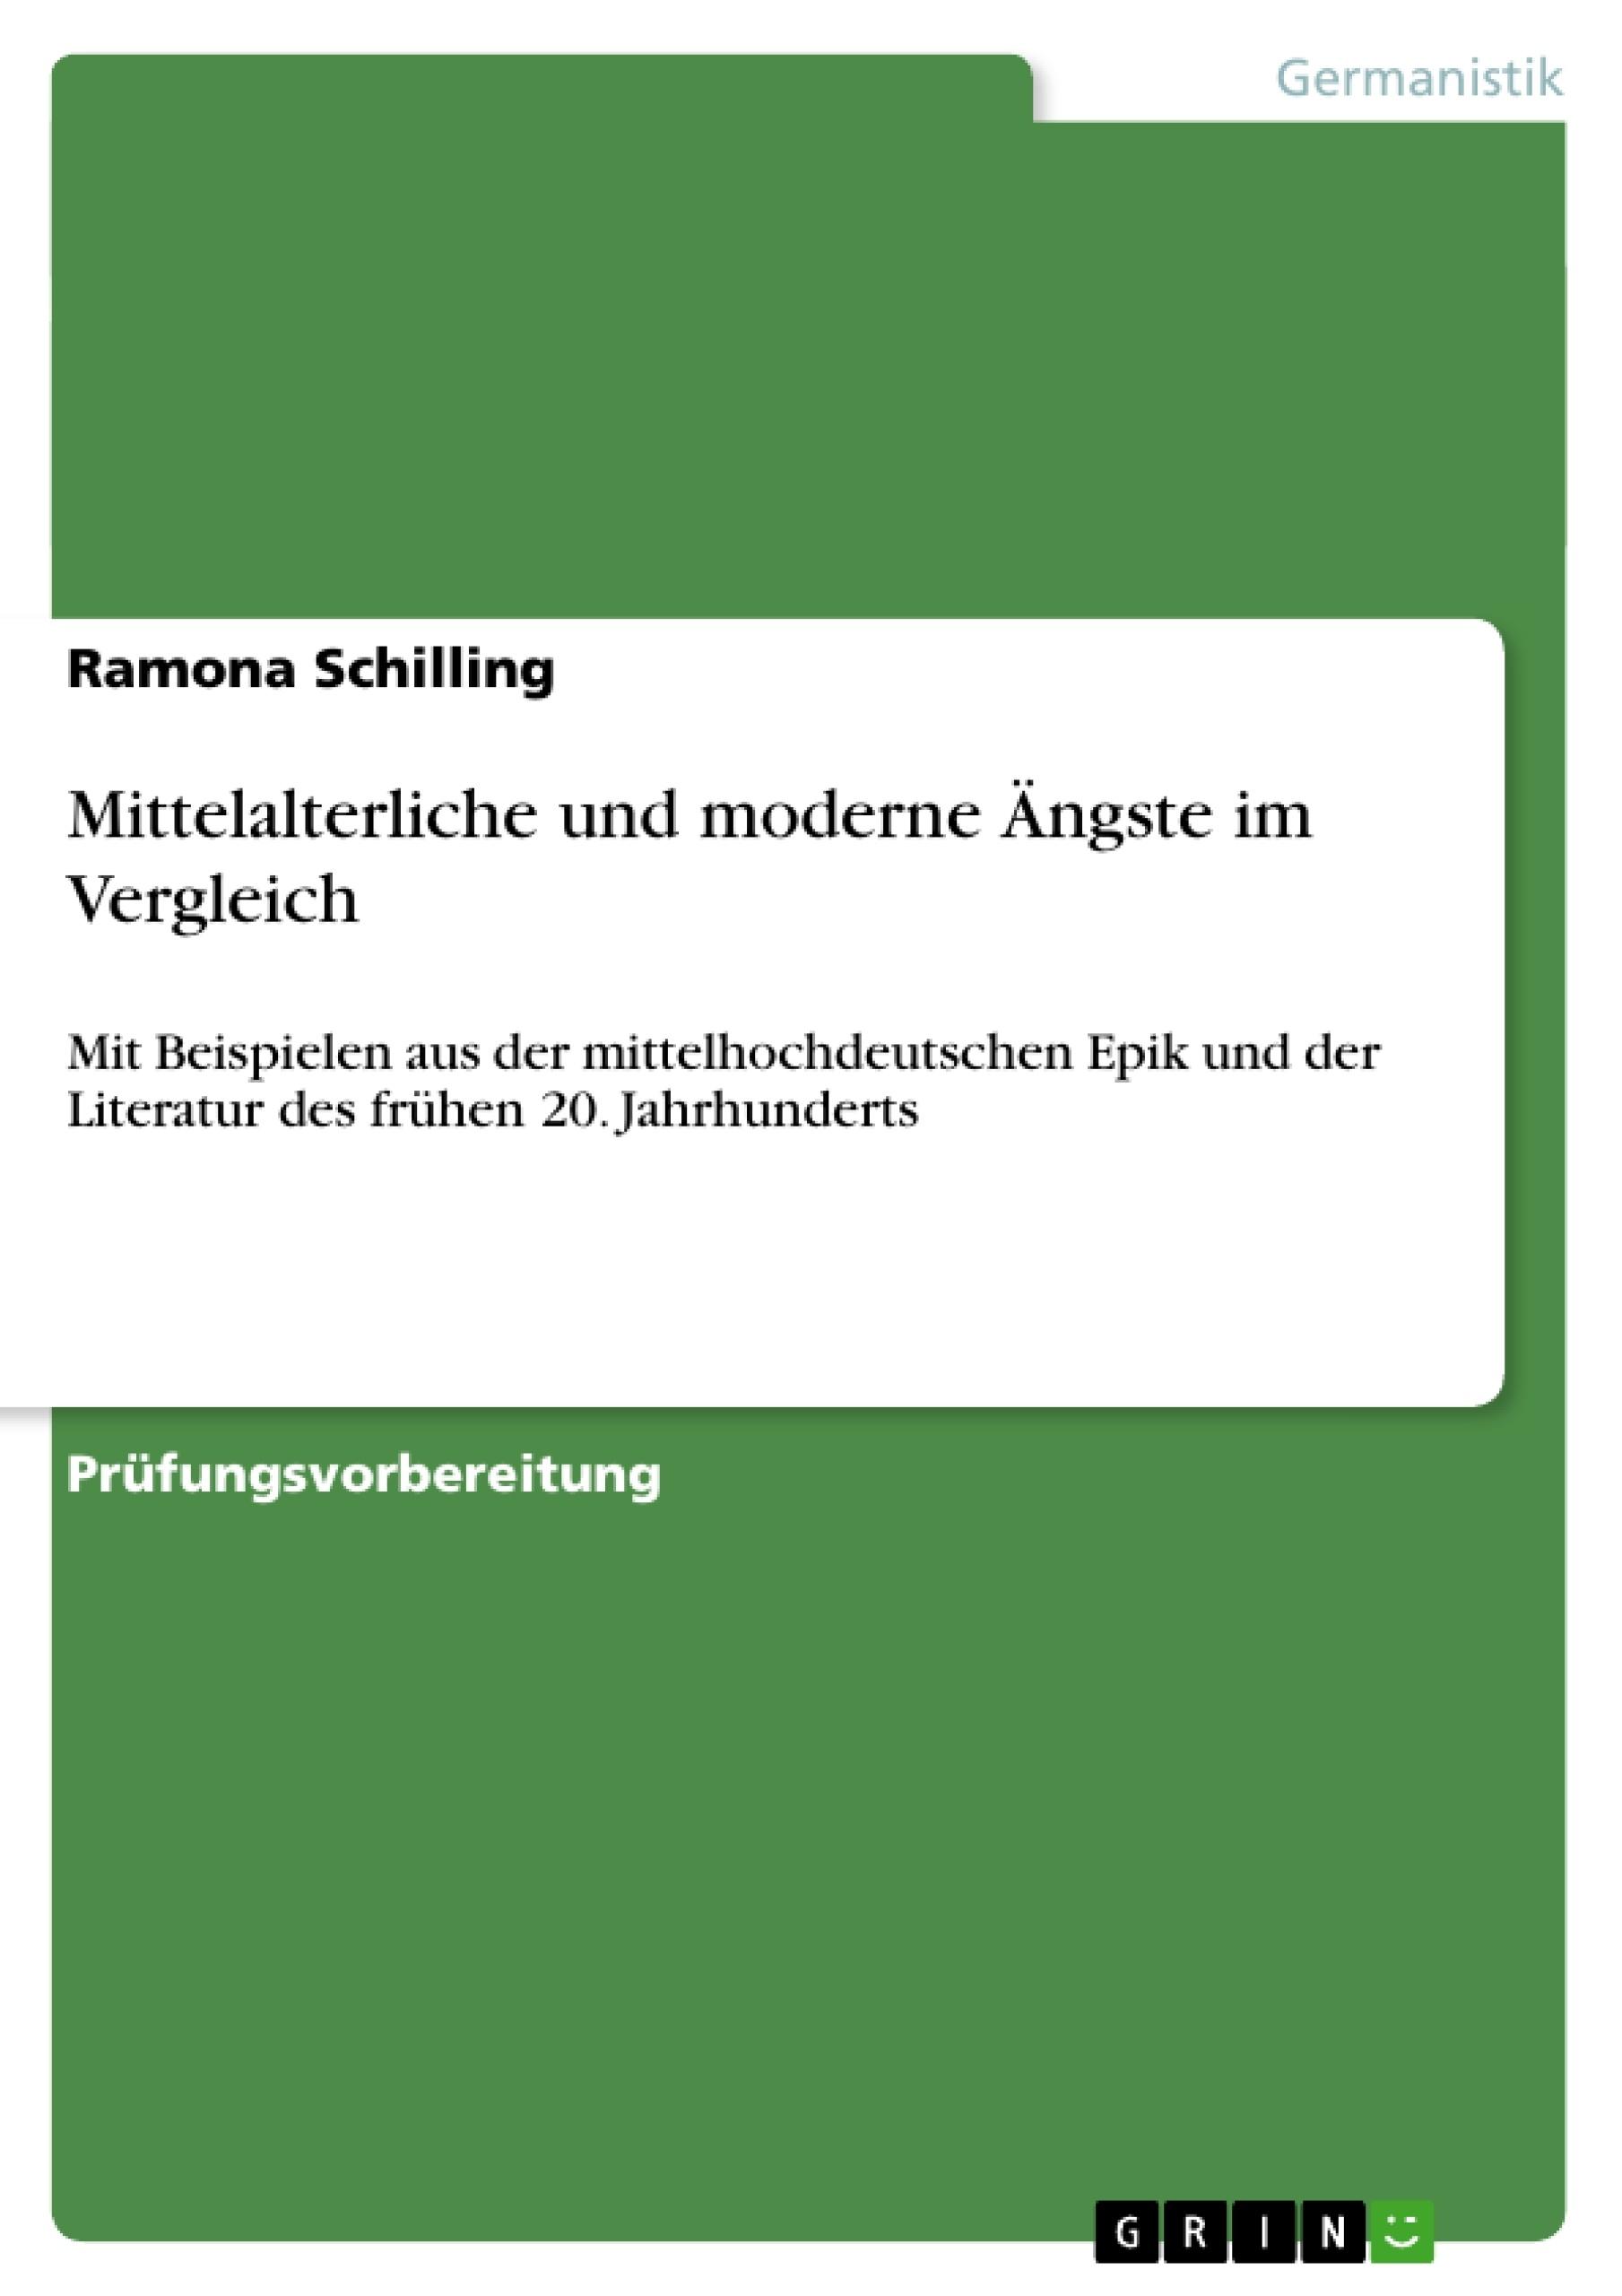 Titel: Mittelalterliche und moderne Ängste im Vergleich